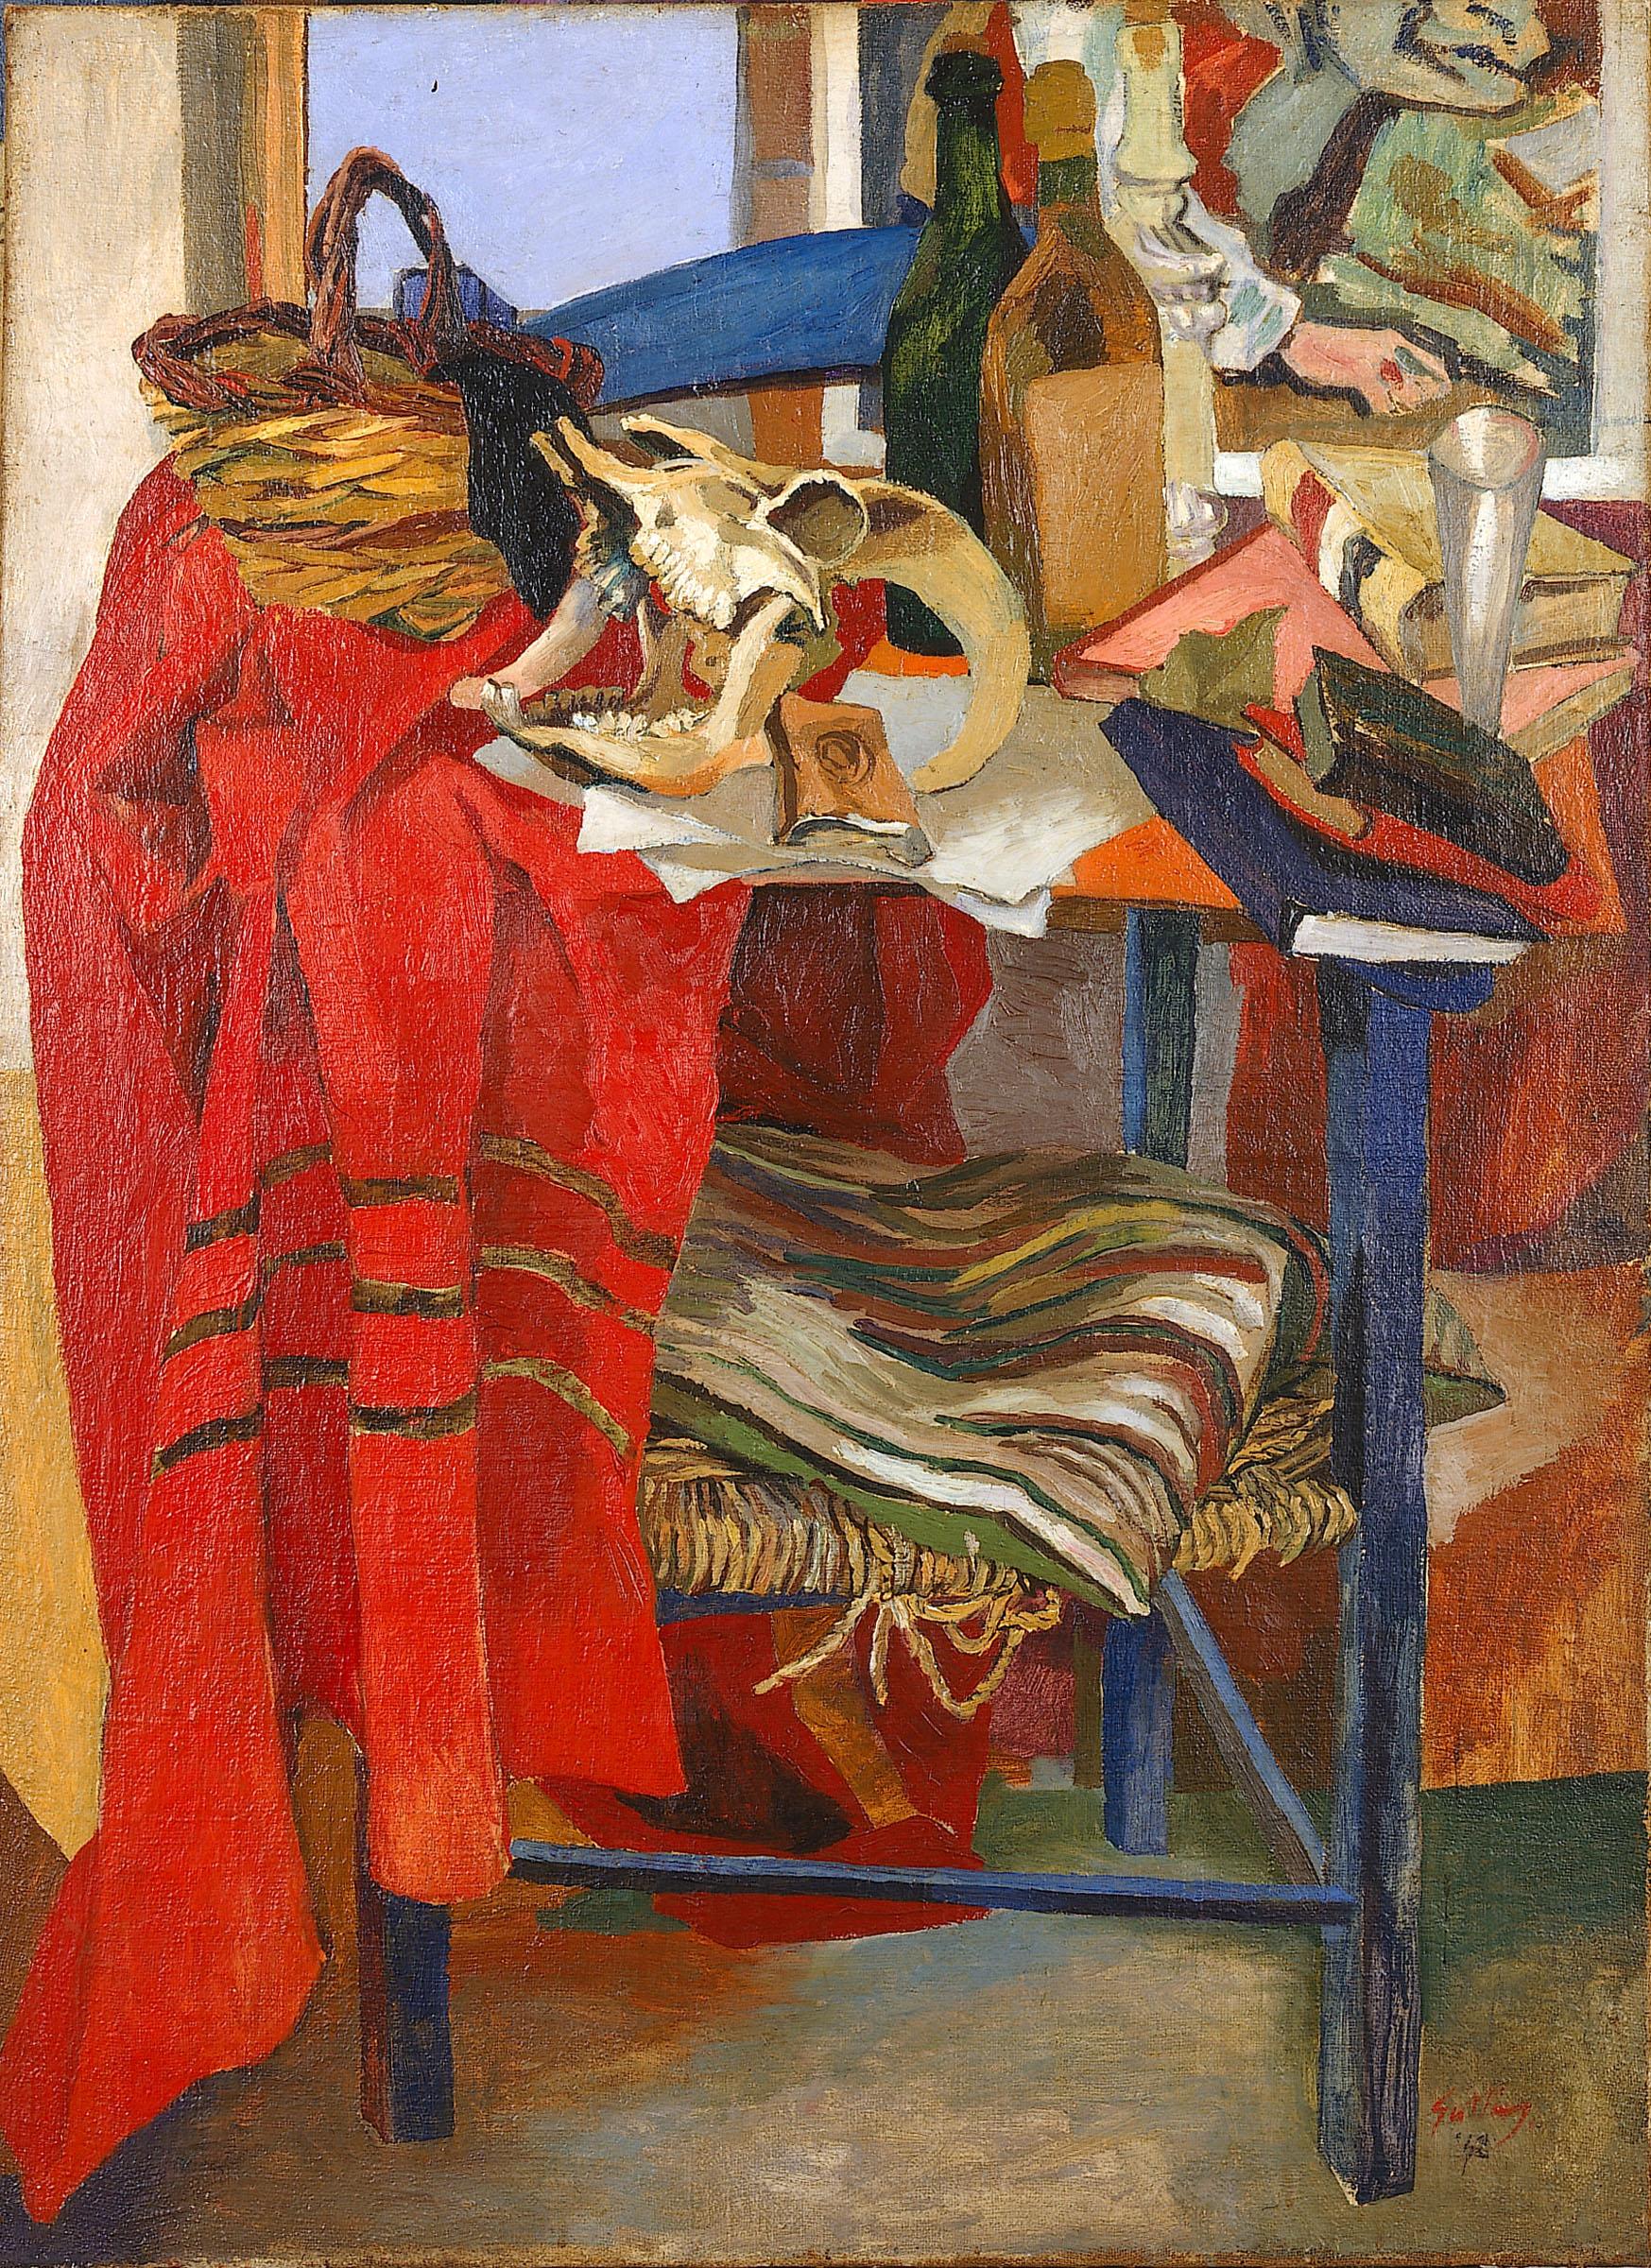 Renato Guttuso, Natura morta con drappo rosso, 1942 Olio su tela, cm 110x81 Varese, Fondazione Francesco Pellin © Renato Guttuso by SIAE 2016